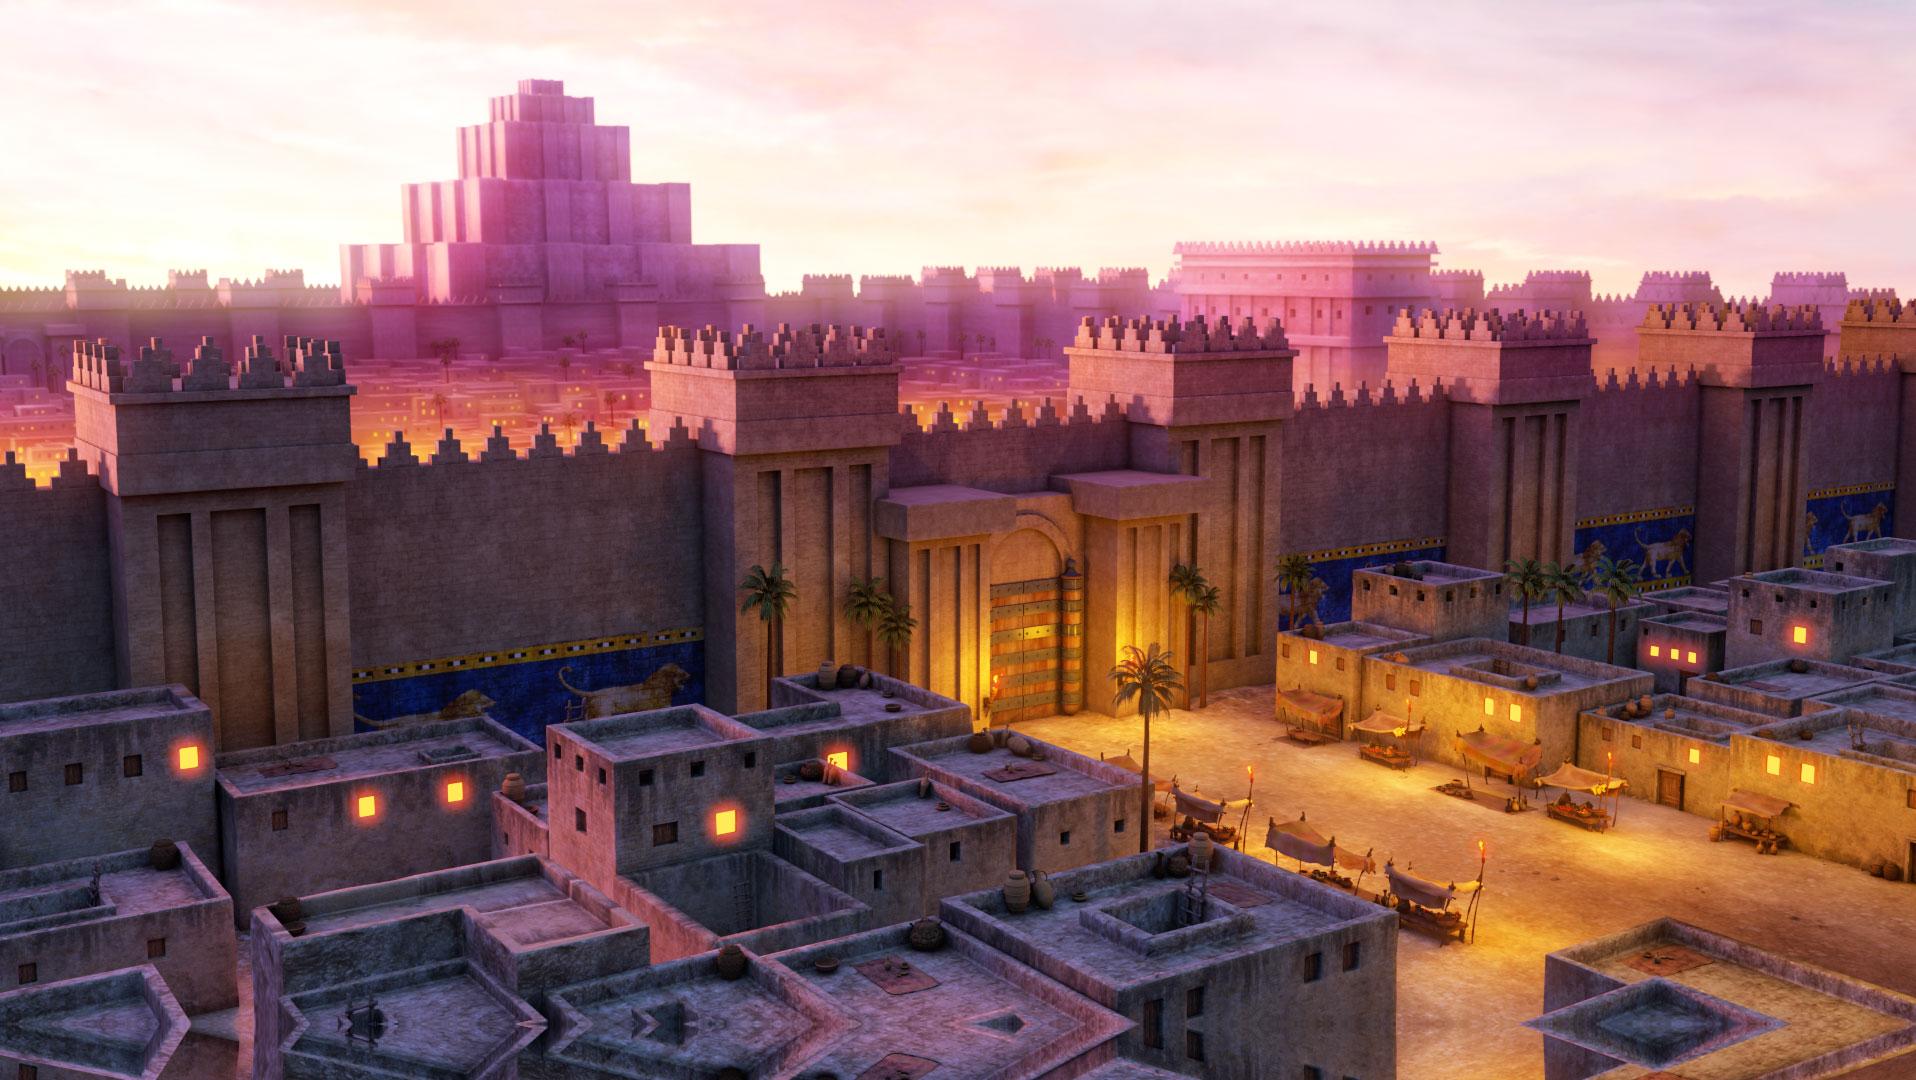 <h2>Daniel și visul împăratului Nebucadnețar</h2>